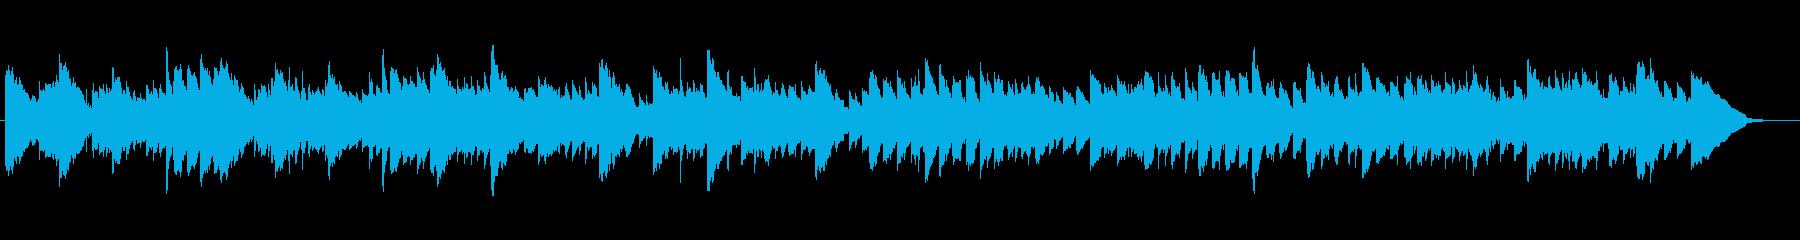 キラキラ光るイルミネーションのBGMの再生済みの波形